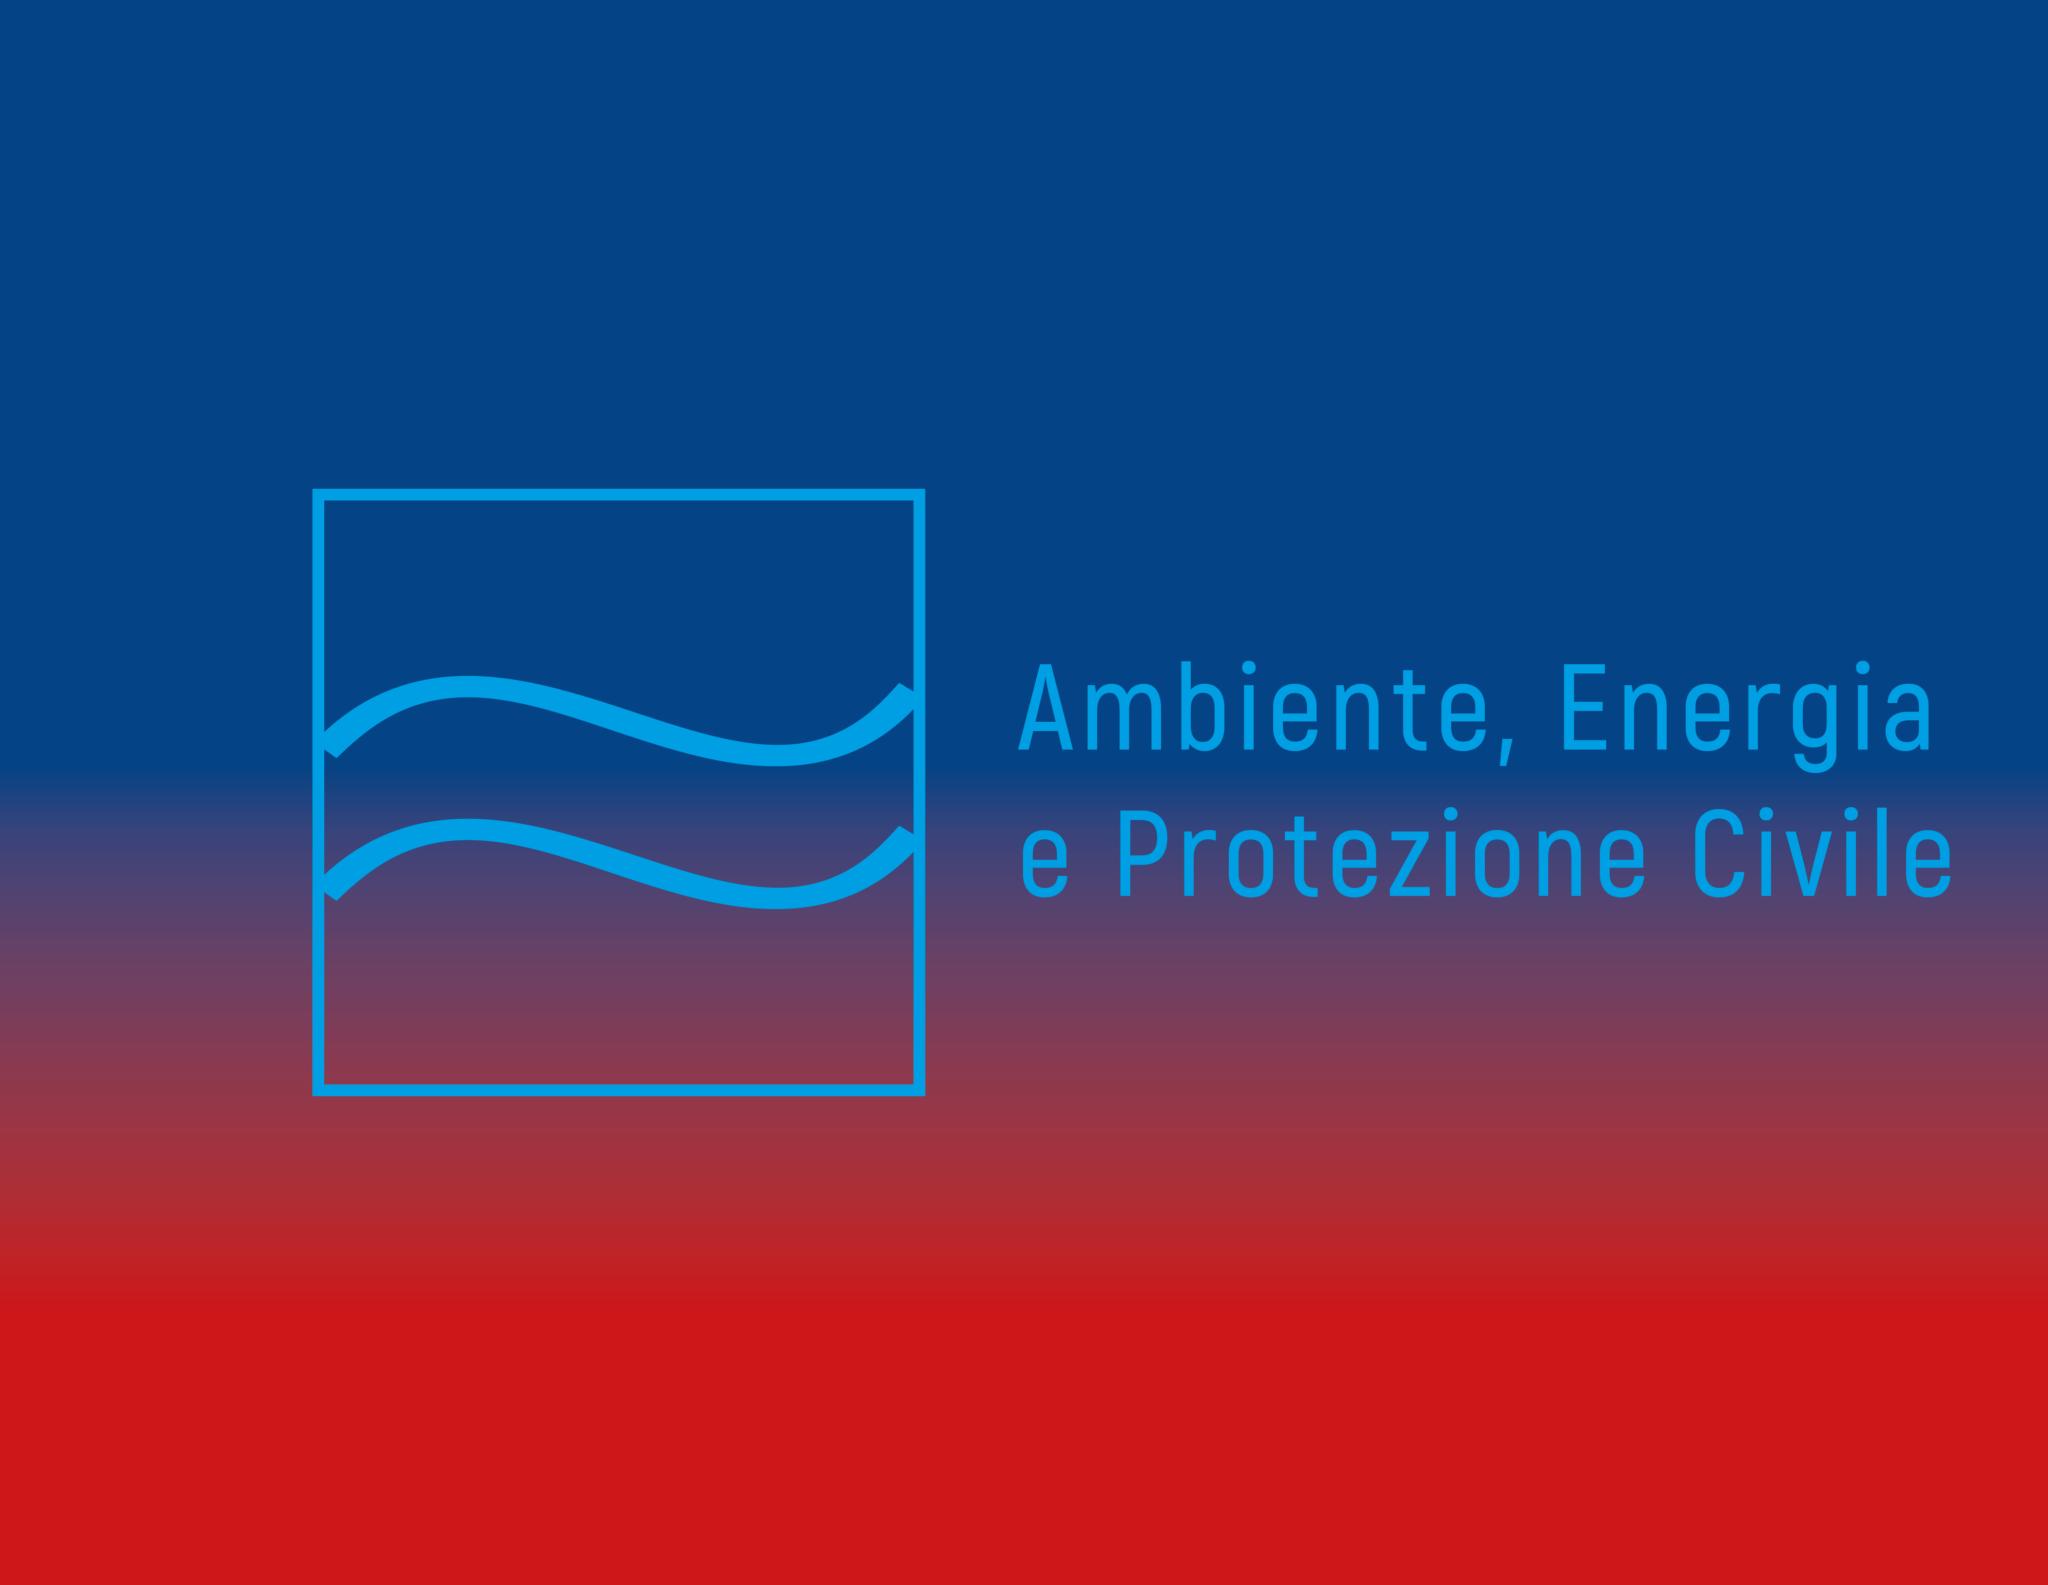 Ambiente, energia, protezione civile